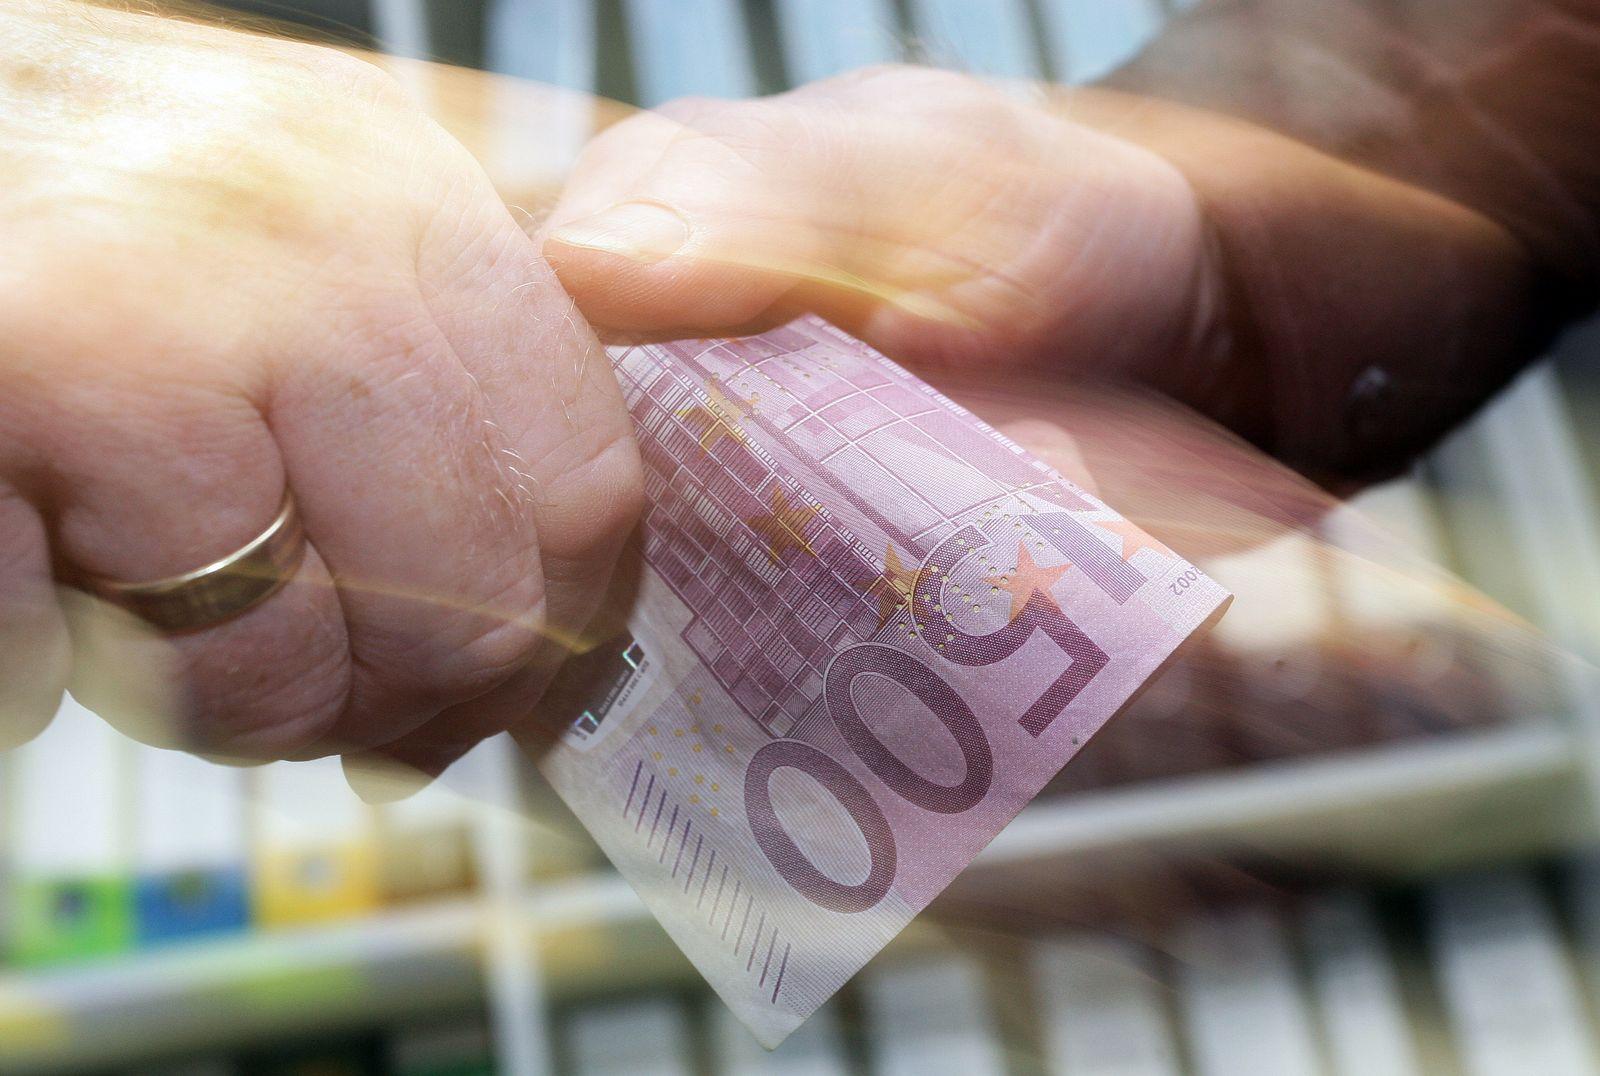 Korruption / Bestechung / Schmiergeld